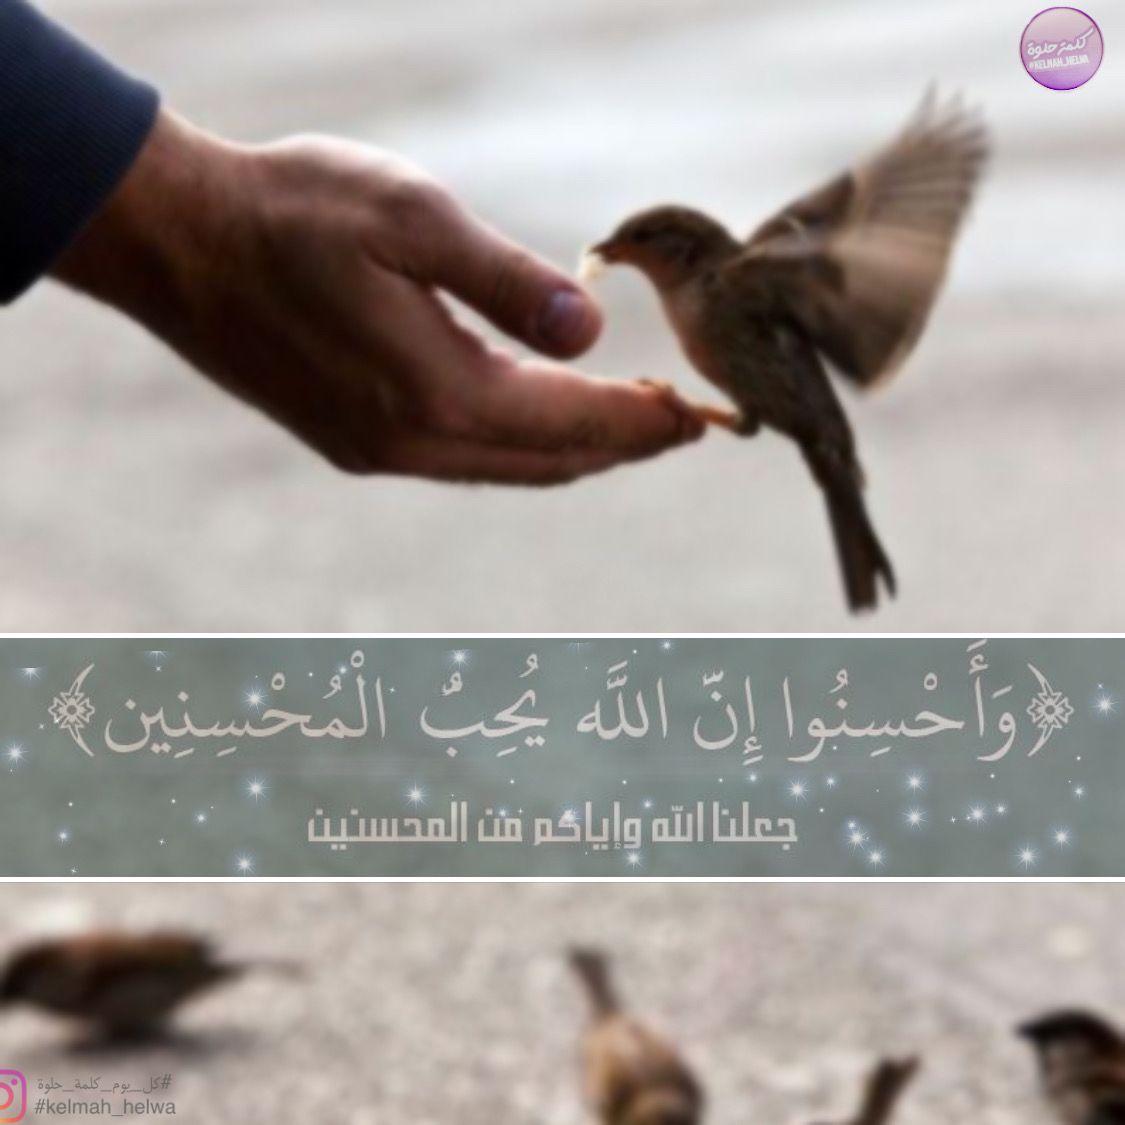 كل يوم كلمة حلوة Kelmah Helwa Instagram Photos And Videos Instagram Photo Instagram Photo And Video